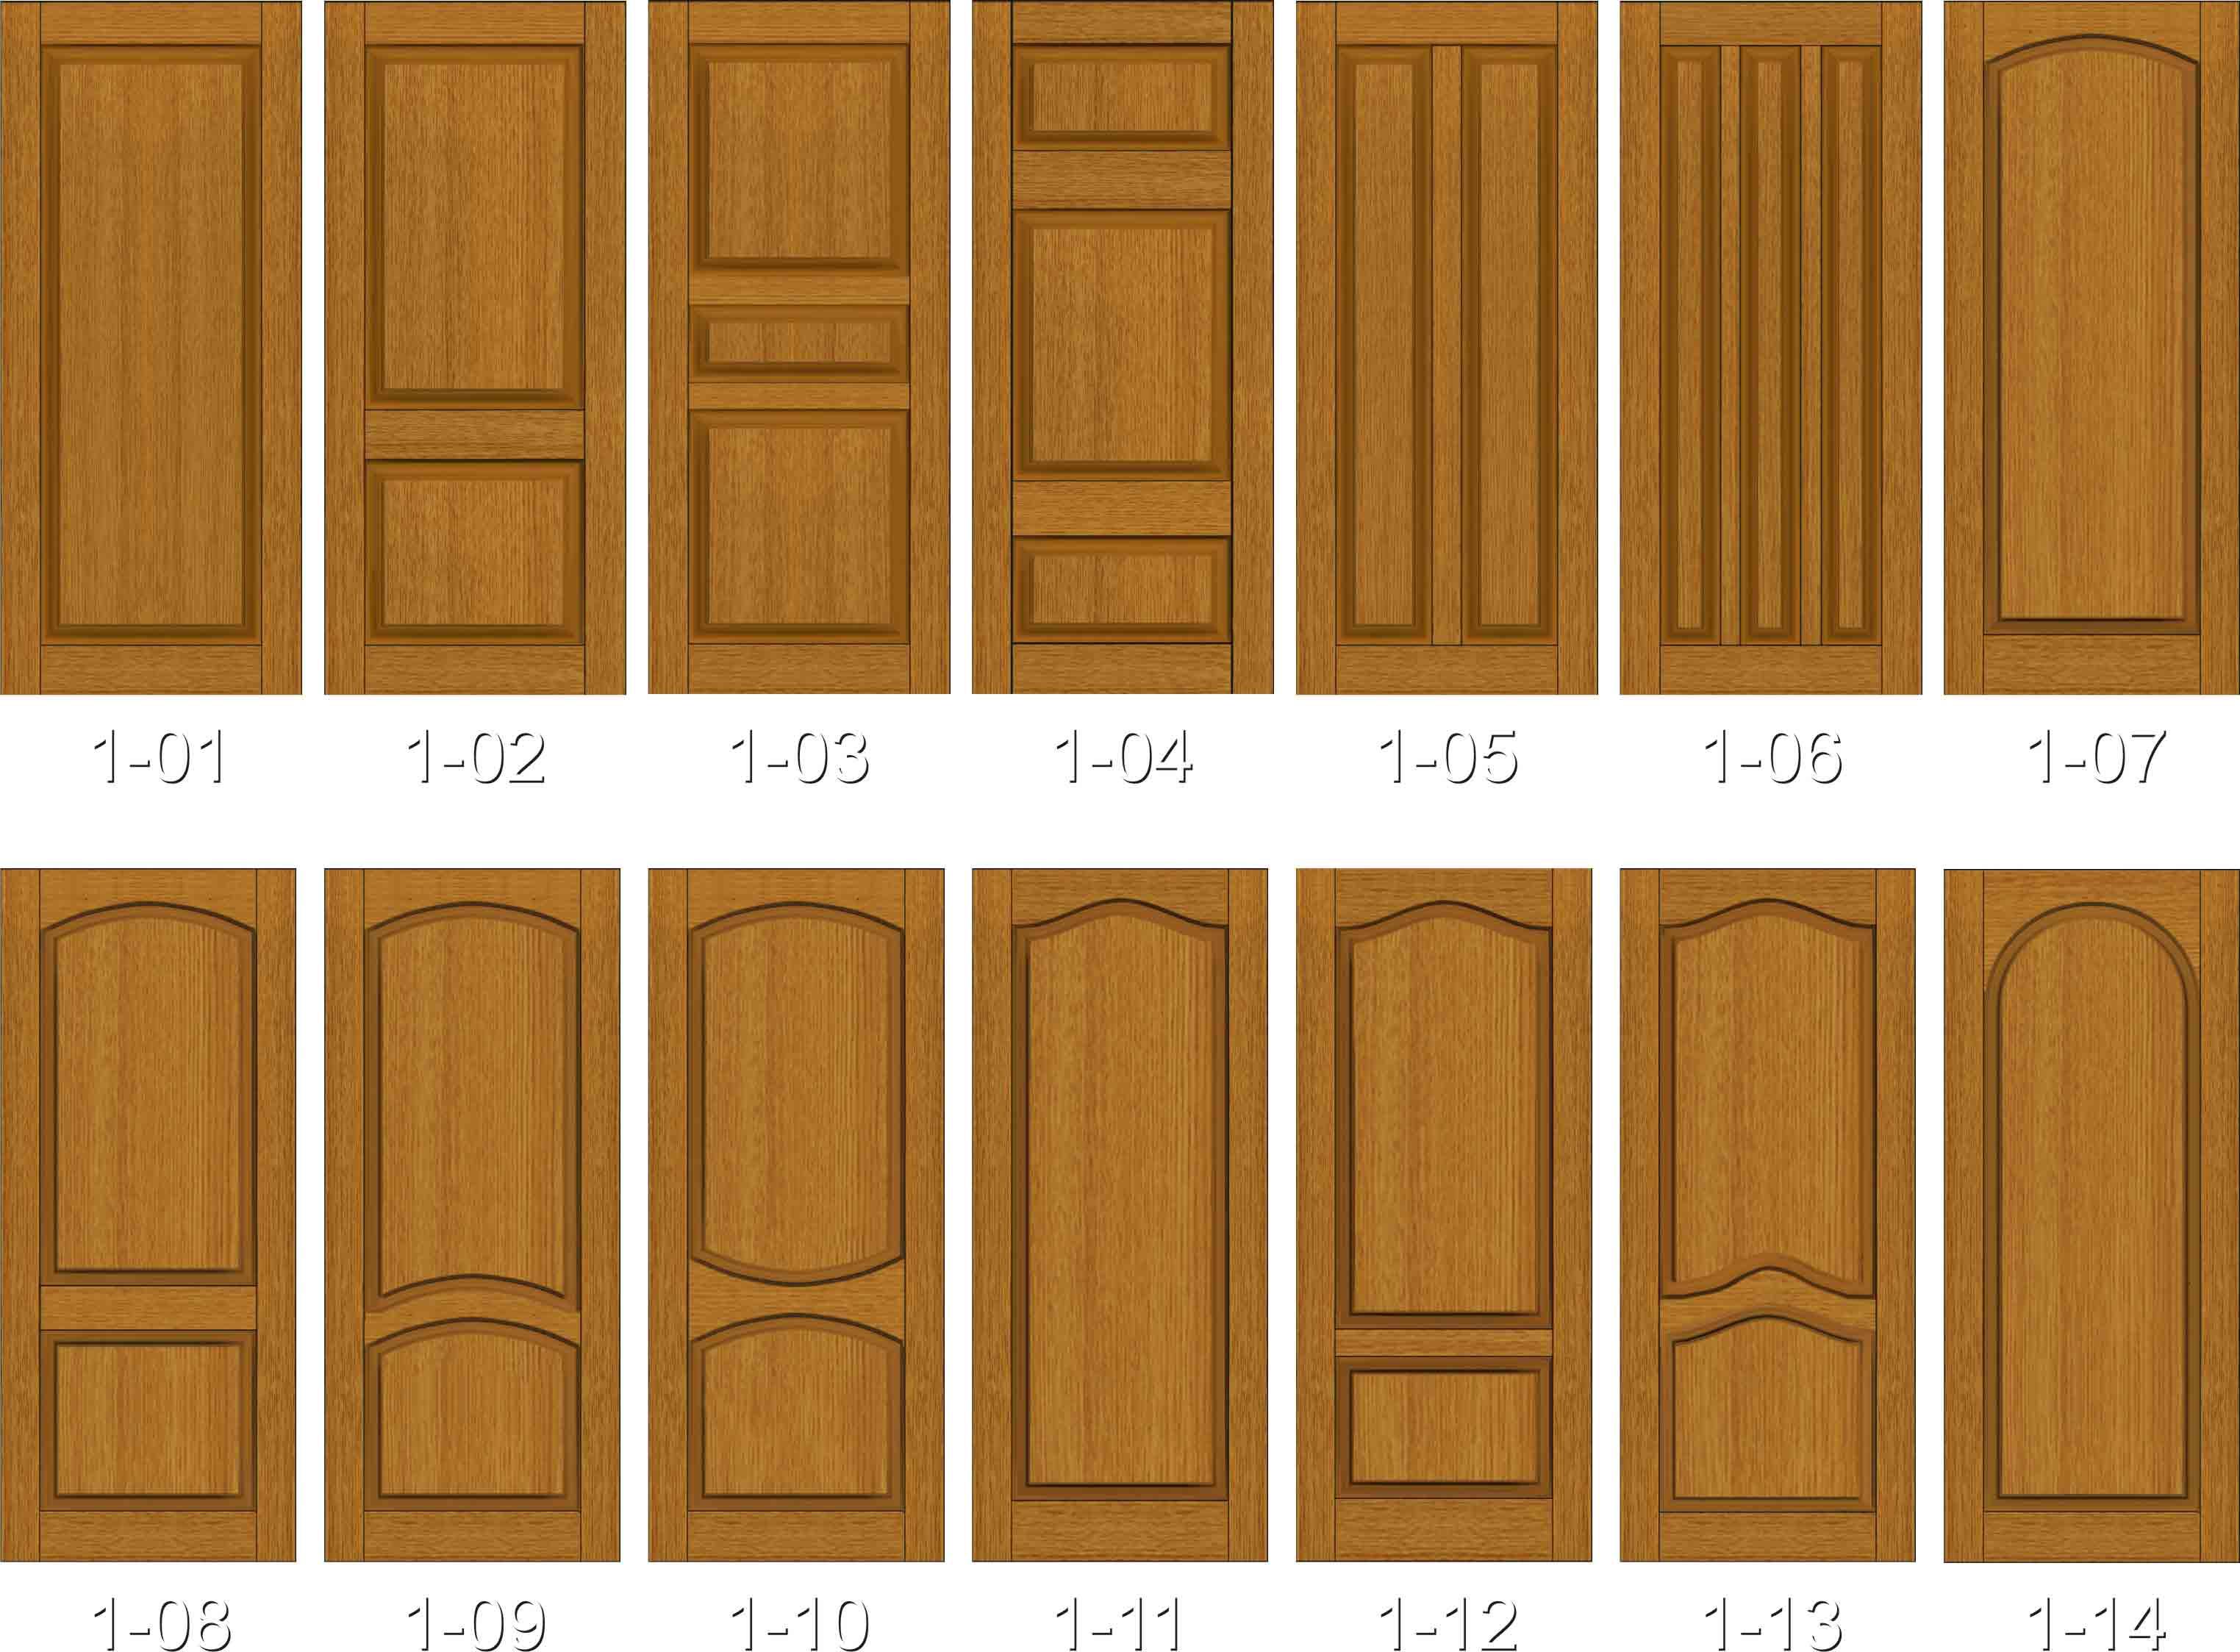 образци металлических филенчатых дверей